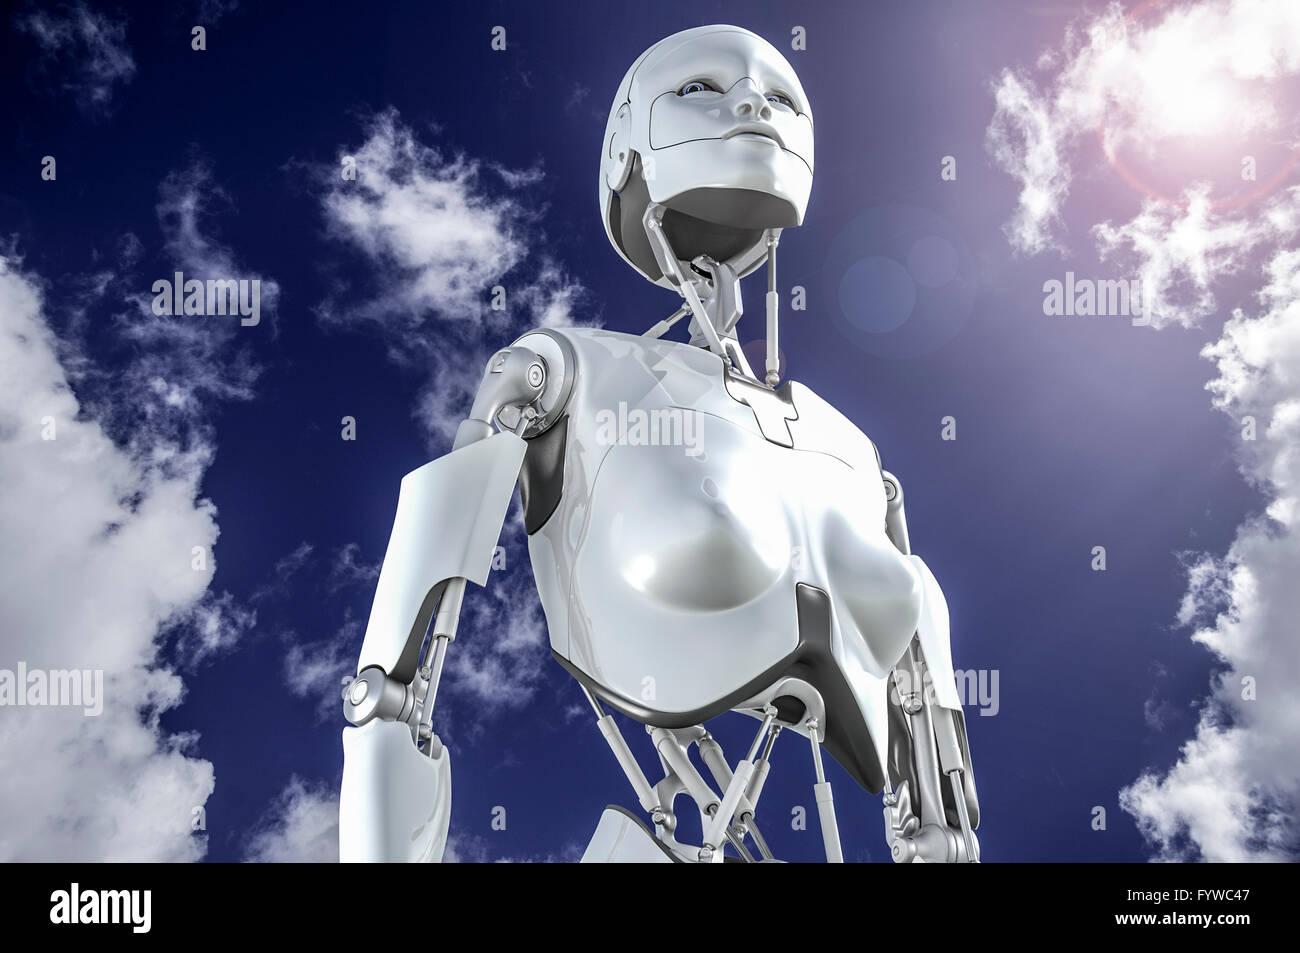 Robot humanoïde femelle à la recherche dans le ciel. Banque D'Images